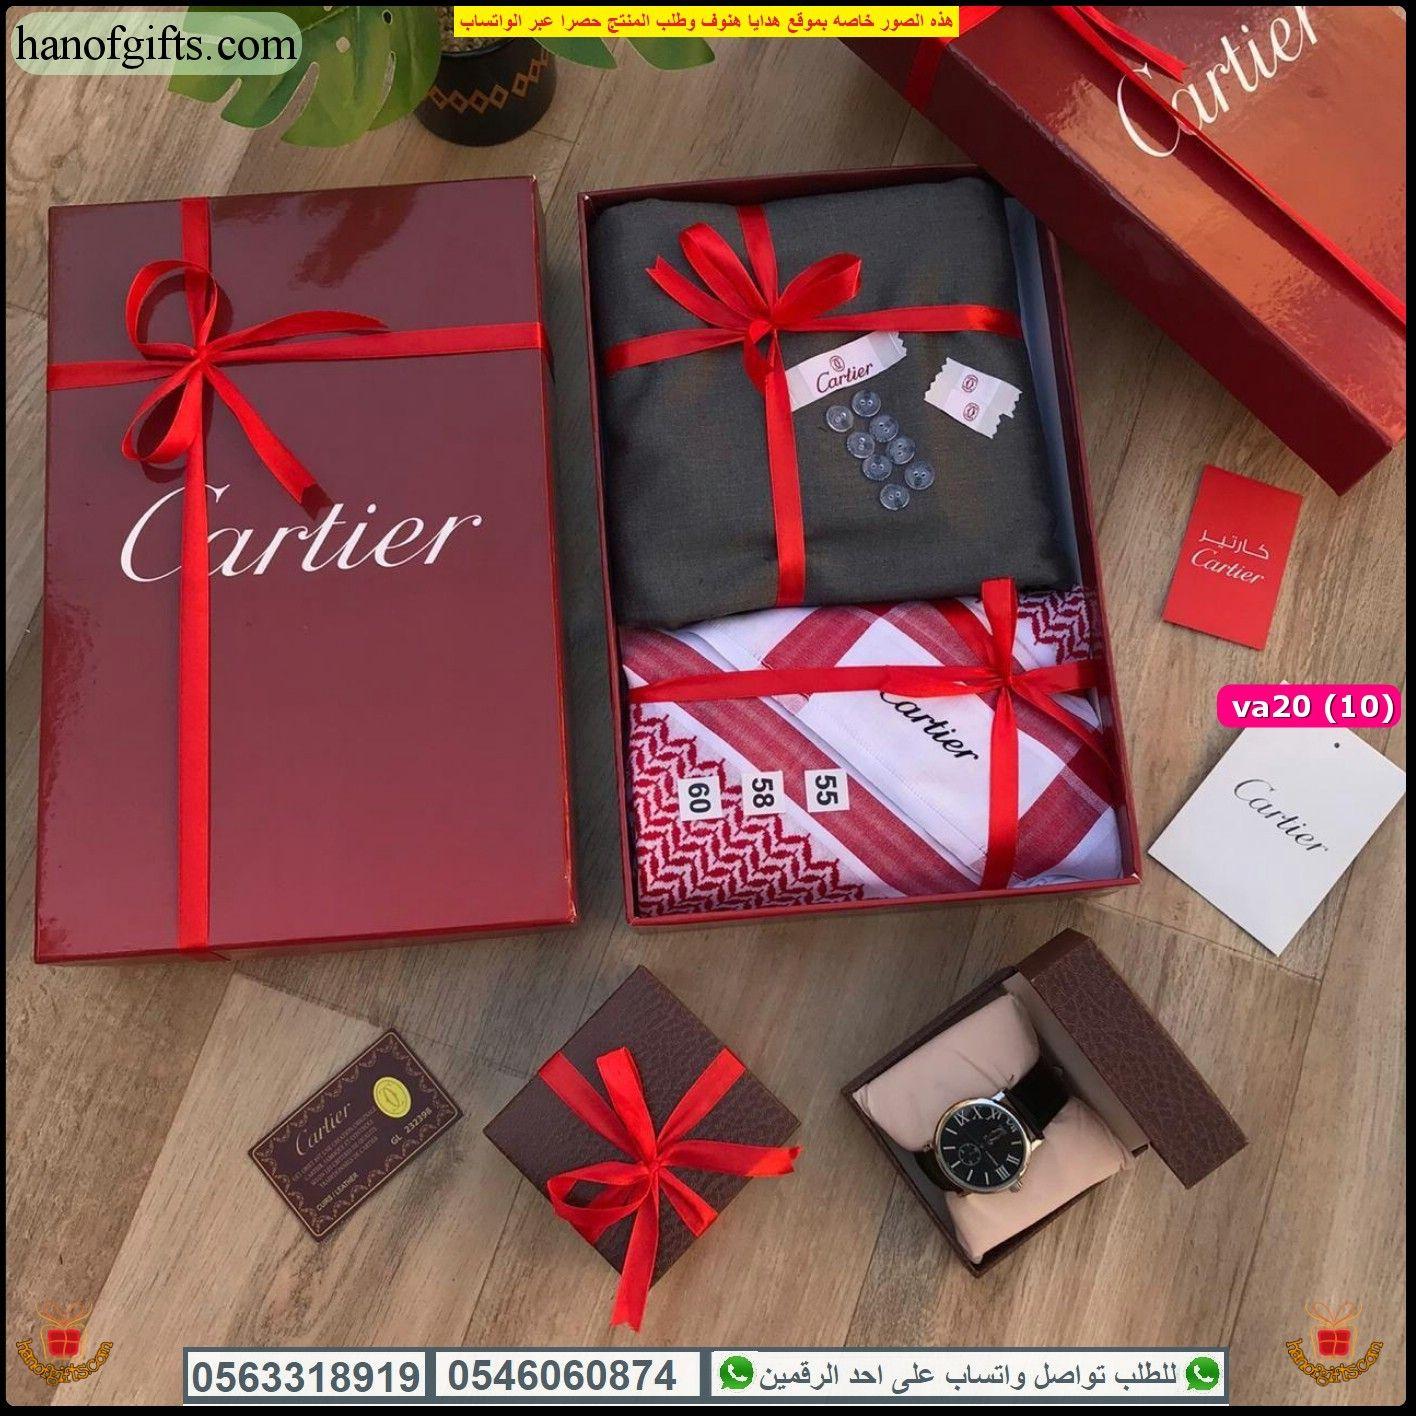 قماش كارتير شتوي 2021 مع شماغ كارتير بصمه 2020 مع ساعه فخمه هدايا هنوف Gift Wrapping Gifts Wrap